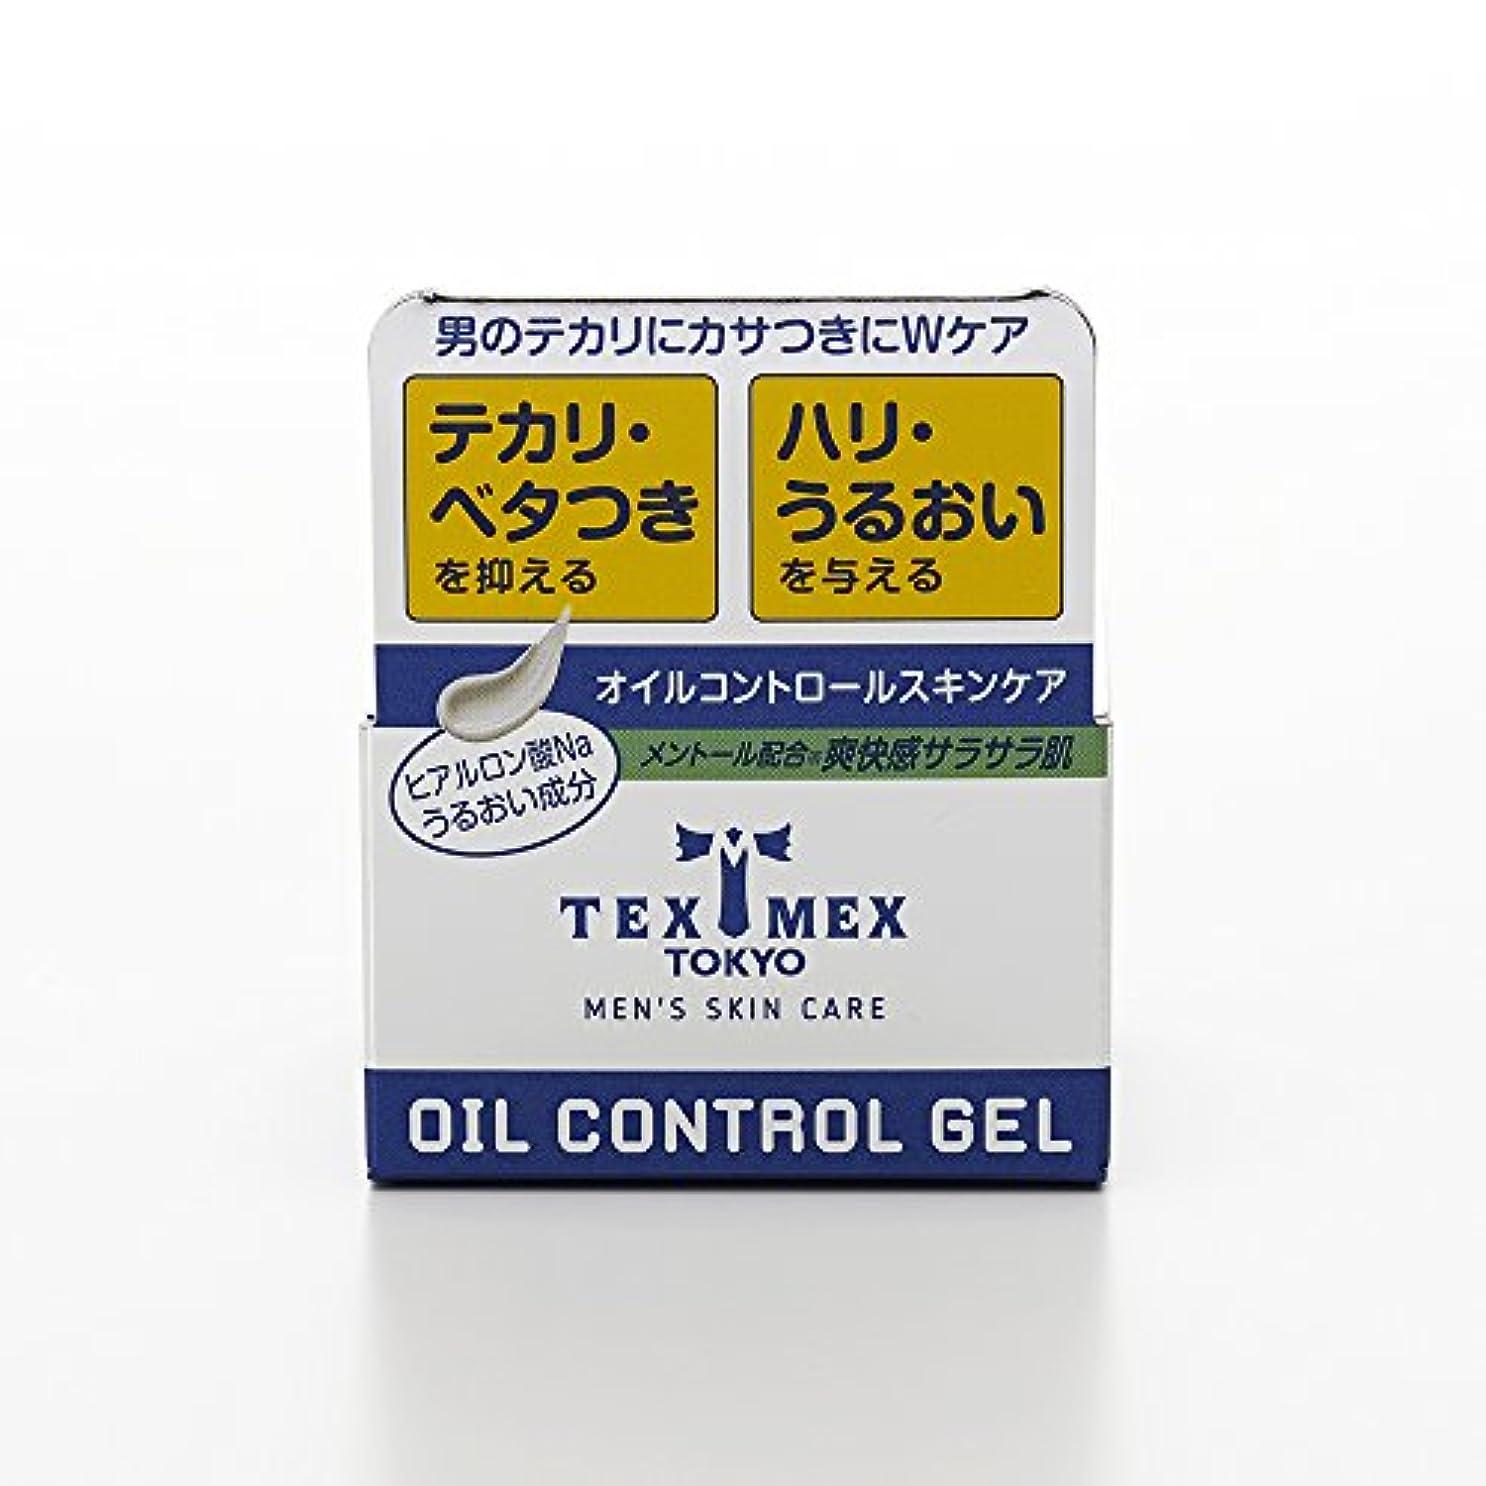 最小メニュー保護するテックスメックス オイルコントロールジェル 24g (テカリ防止ジェル) 【塗るだけでサラサラ肌に】